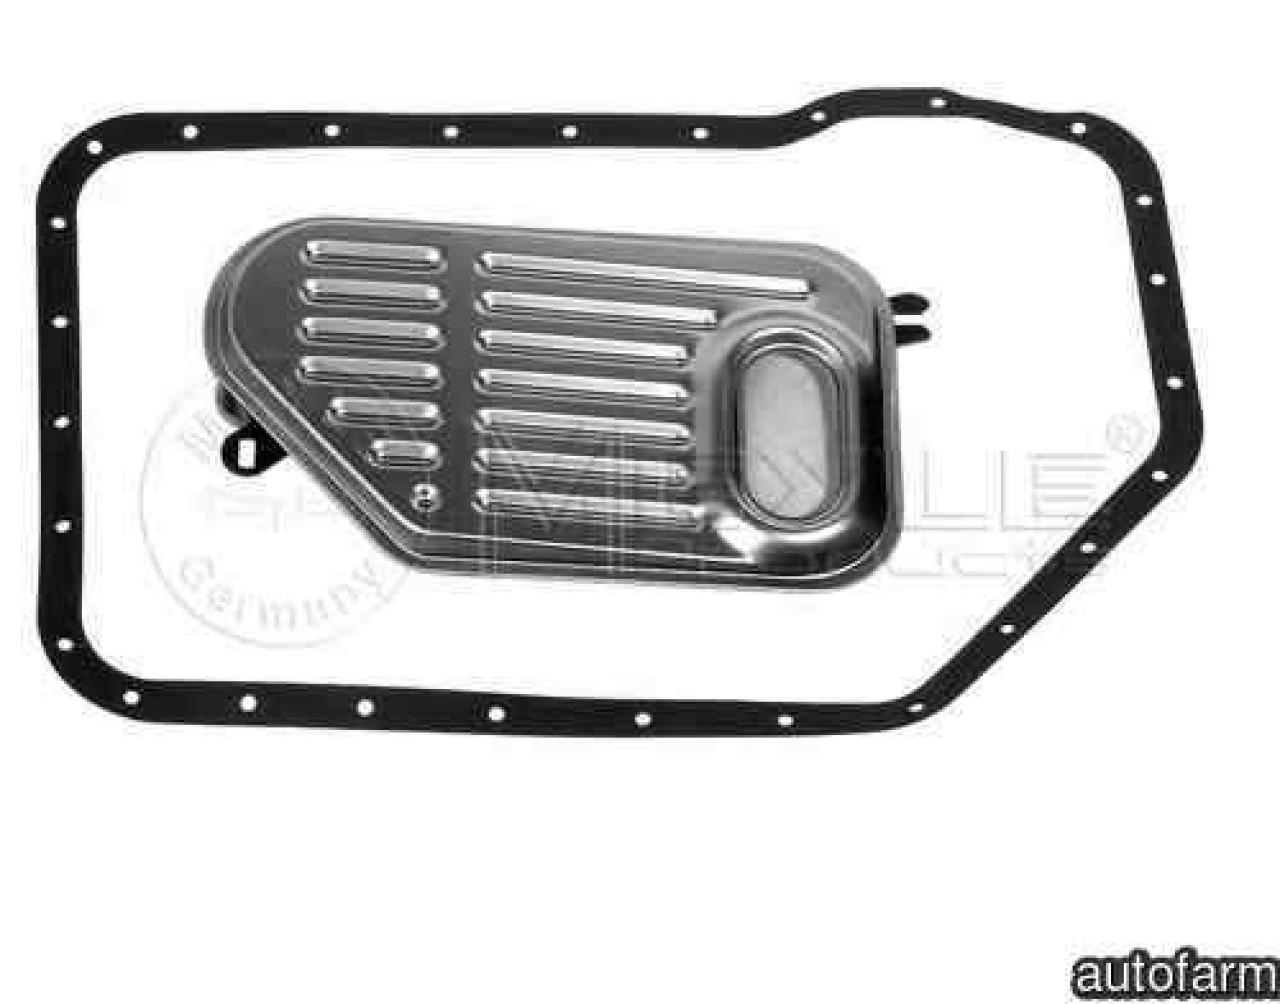 set filtre hidraulice cutie e vit.automata VW PASSAT 3B3 MEYLE 100 398 0003